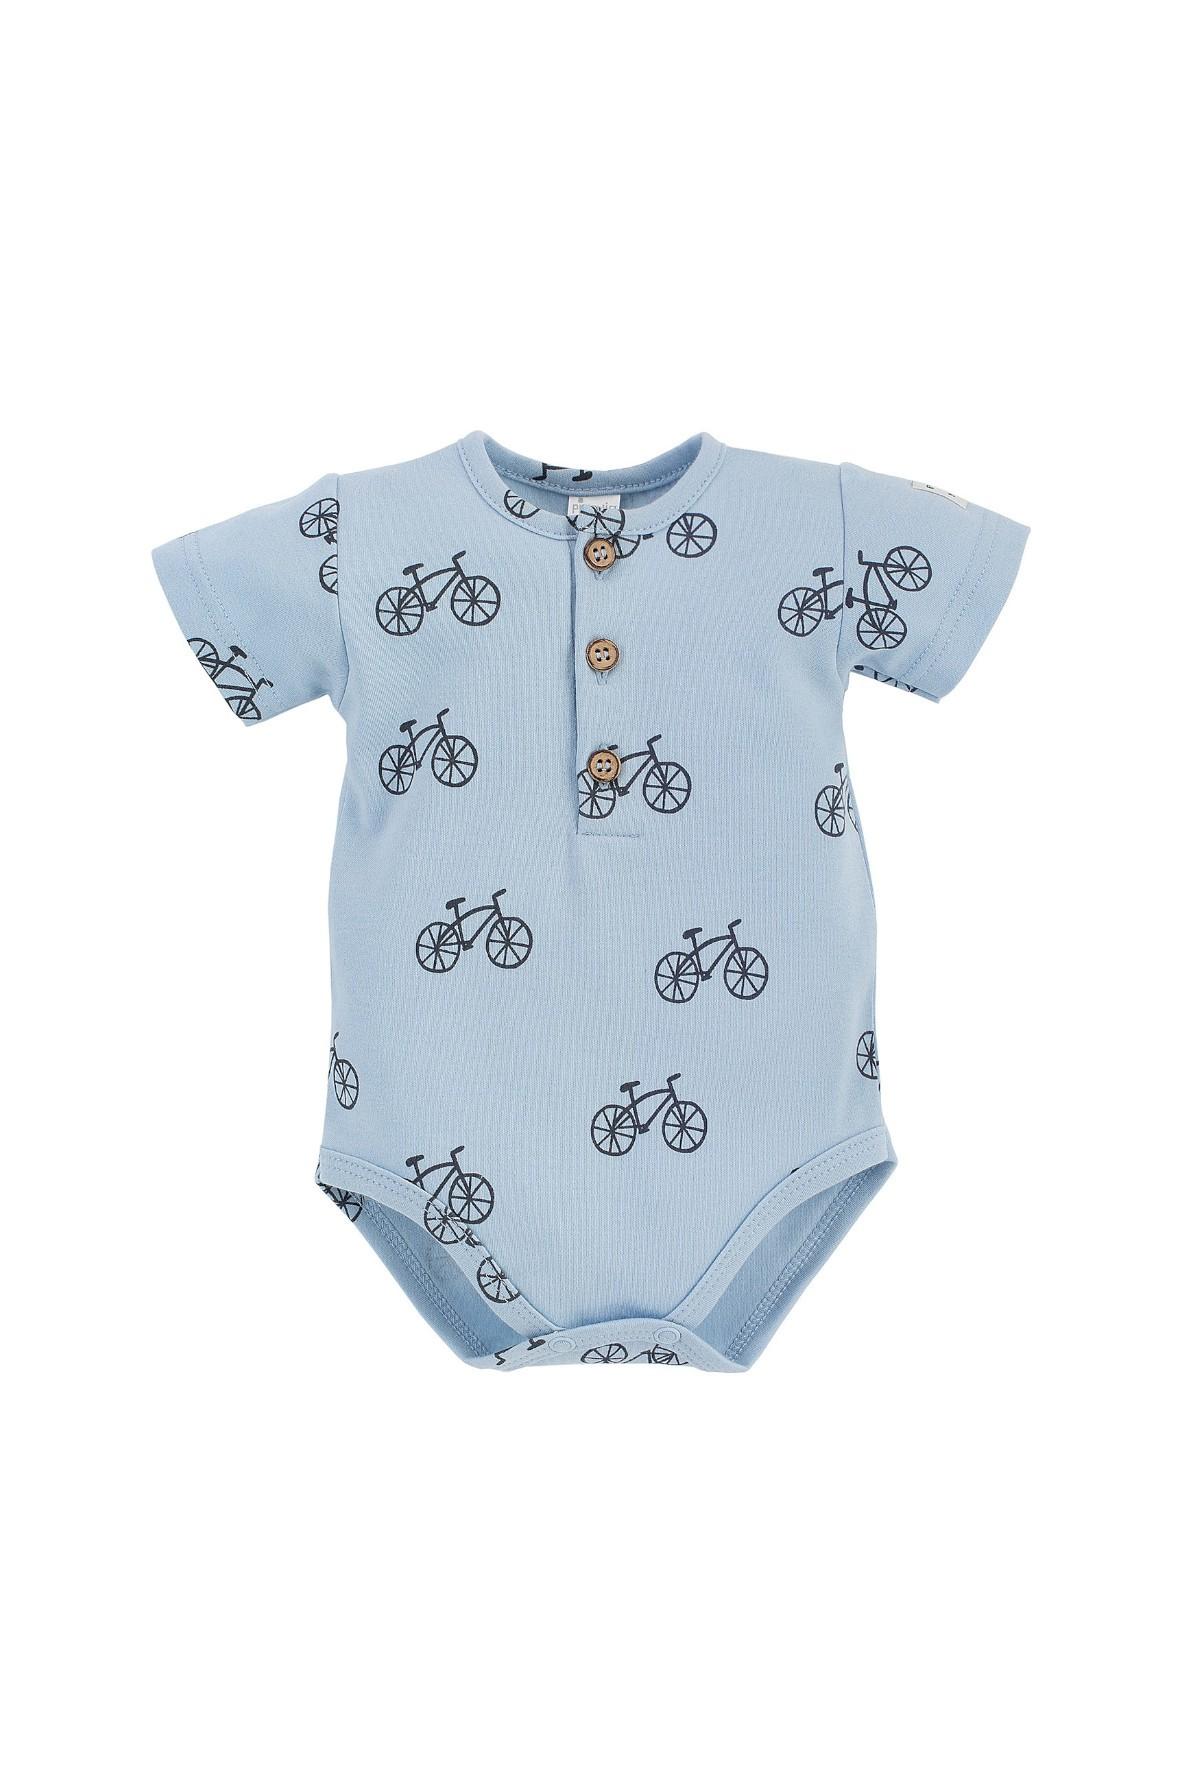 Bawełniane body niemowlęce z krótkim rękawem rowerki